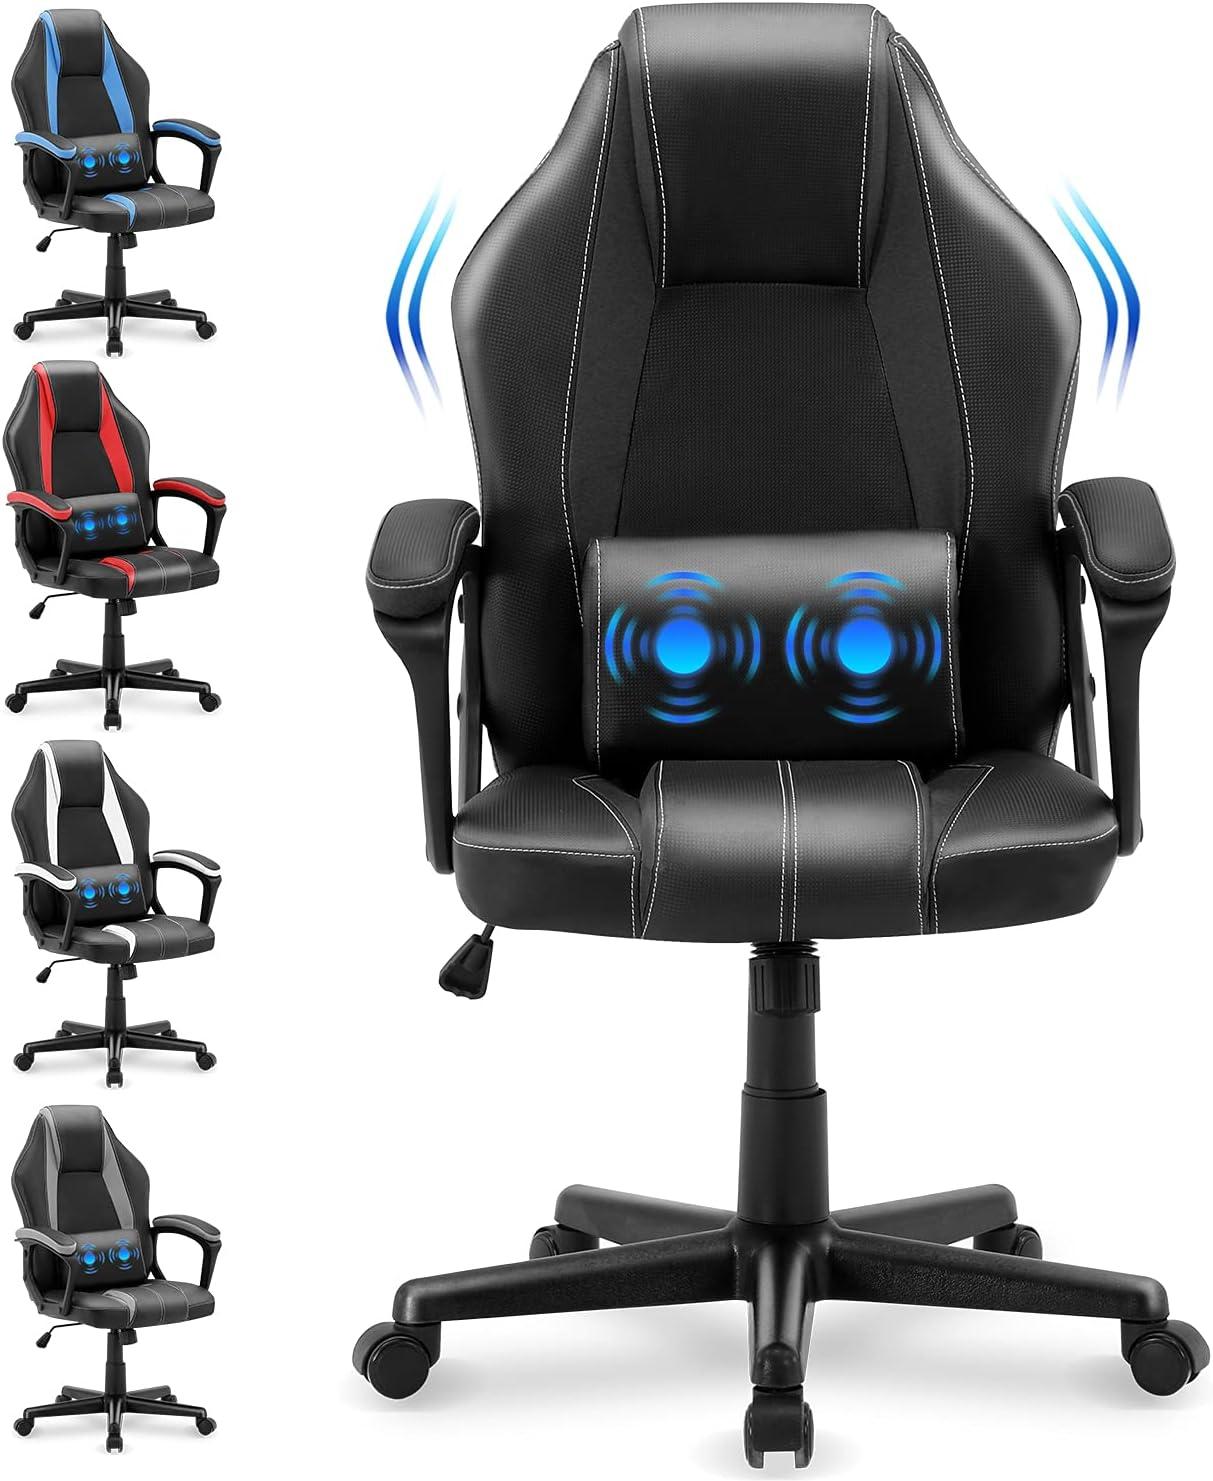 お見舞い Yaksha Gaming お金を節約 Chair Gamer Chairs PC Computer